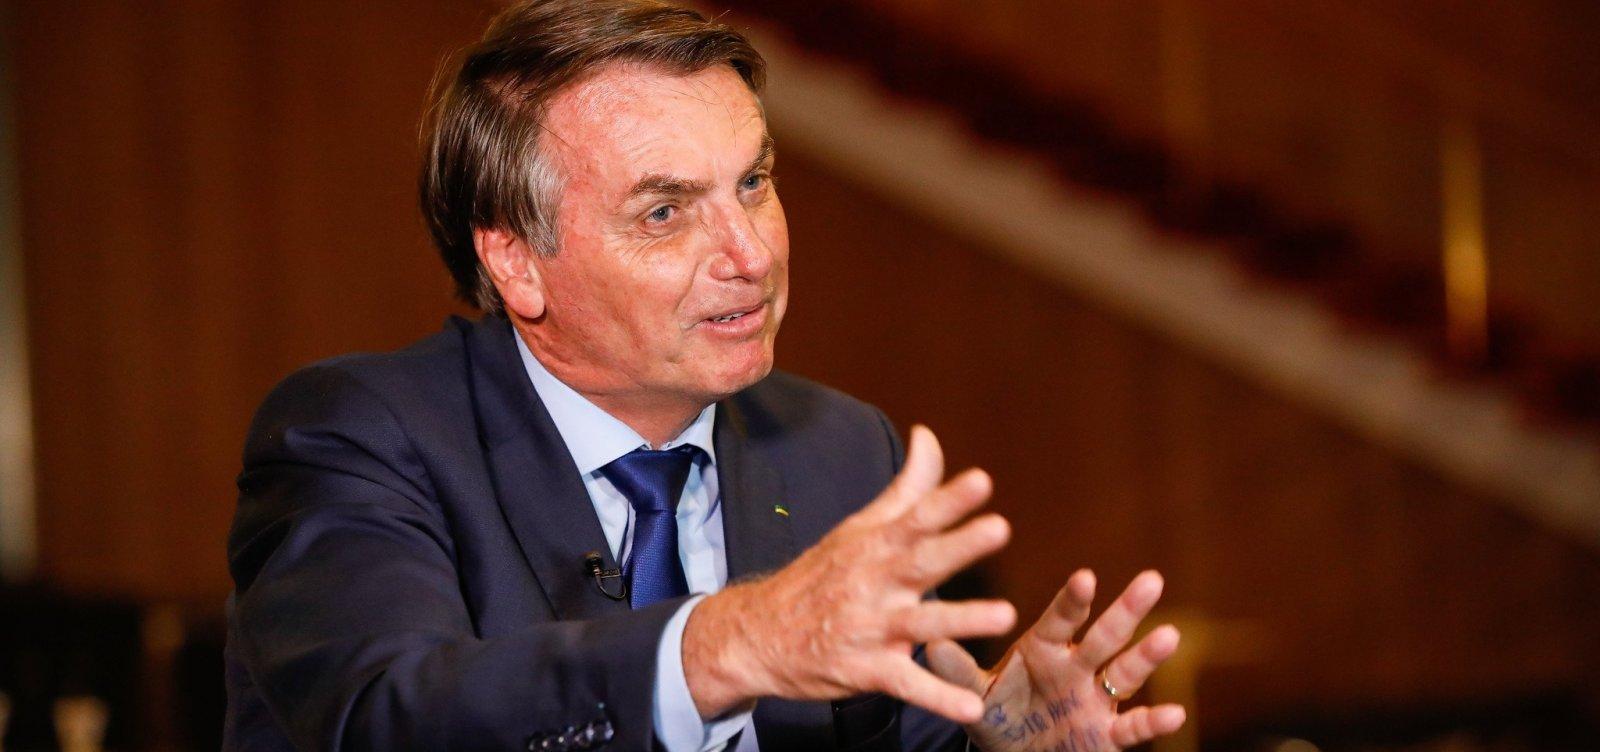 [Prefeitos e governadores vão pagar indenização a trabalhador por paralisação, diz Bolsonaro]